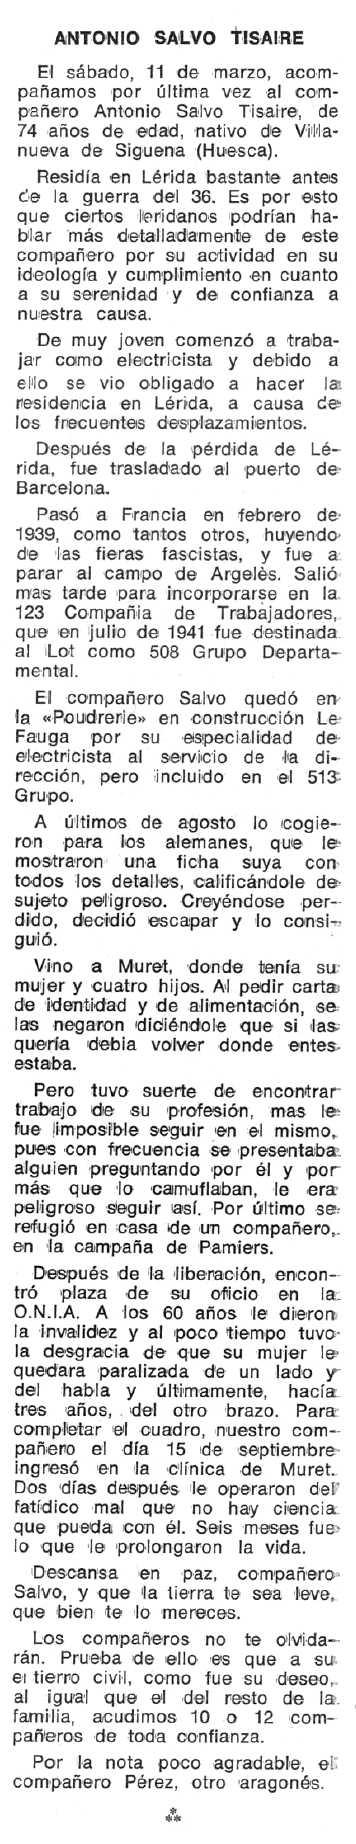 """Necrològica de Juan Antonio Salvo Tisaire apareguda en el periòdic tolosà """"Espoir"""" del 24 de juliol de 1978"""